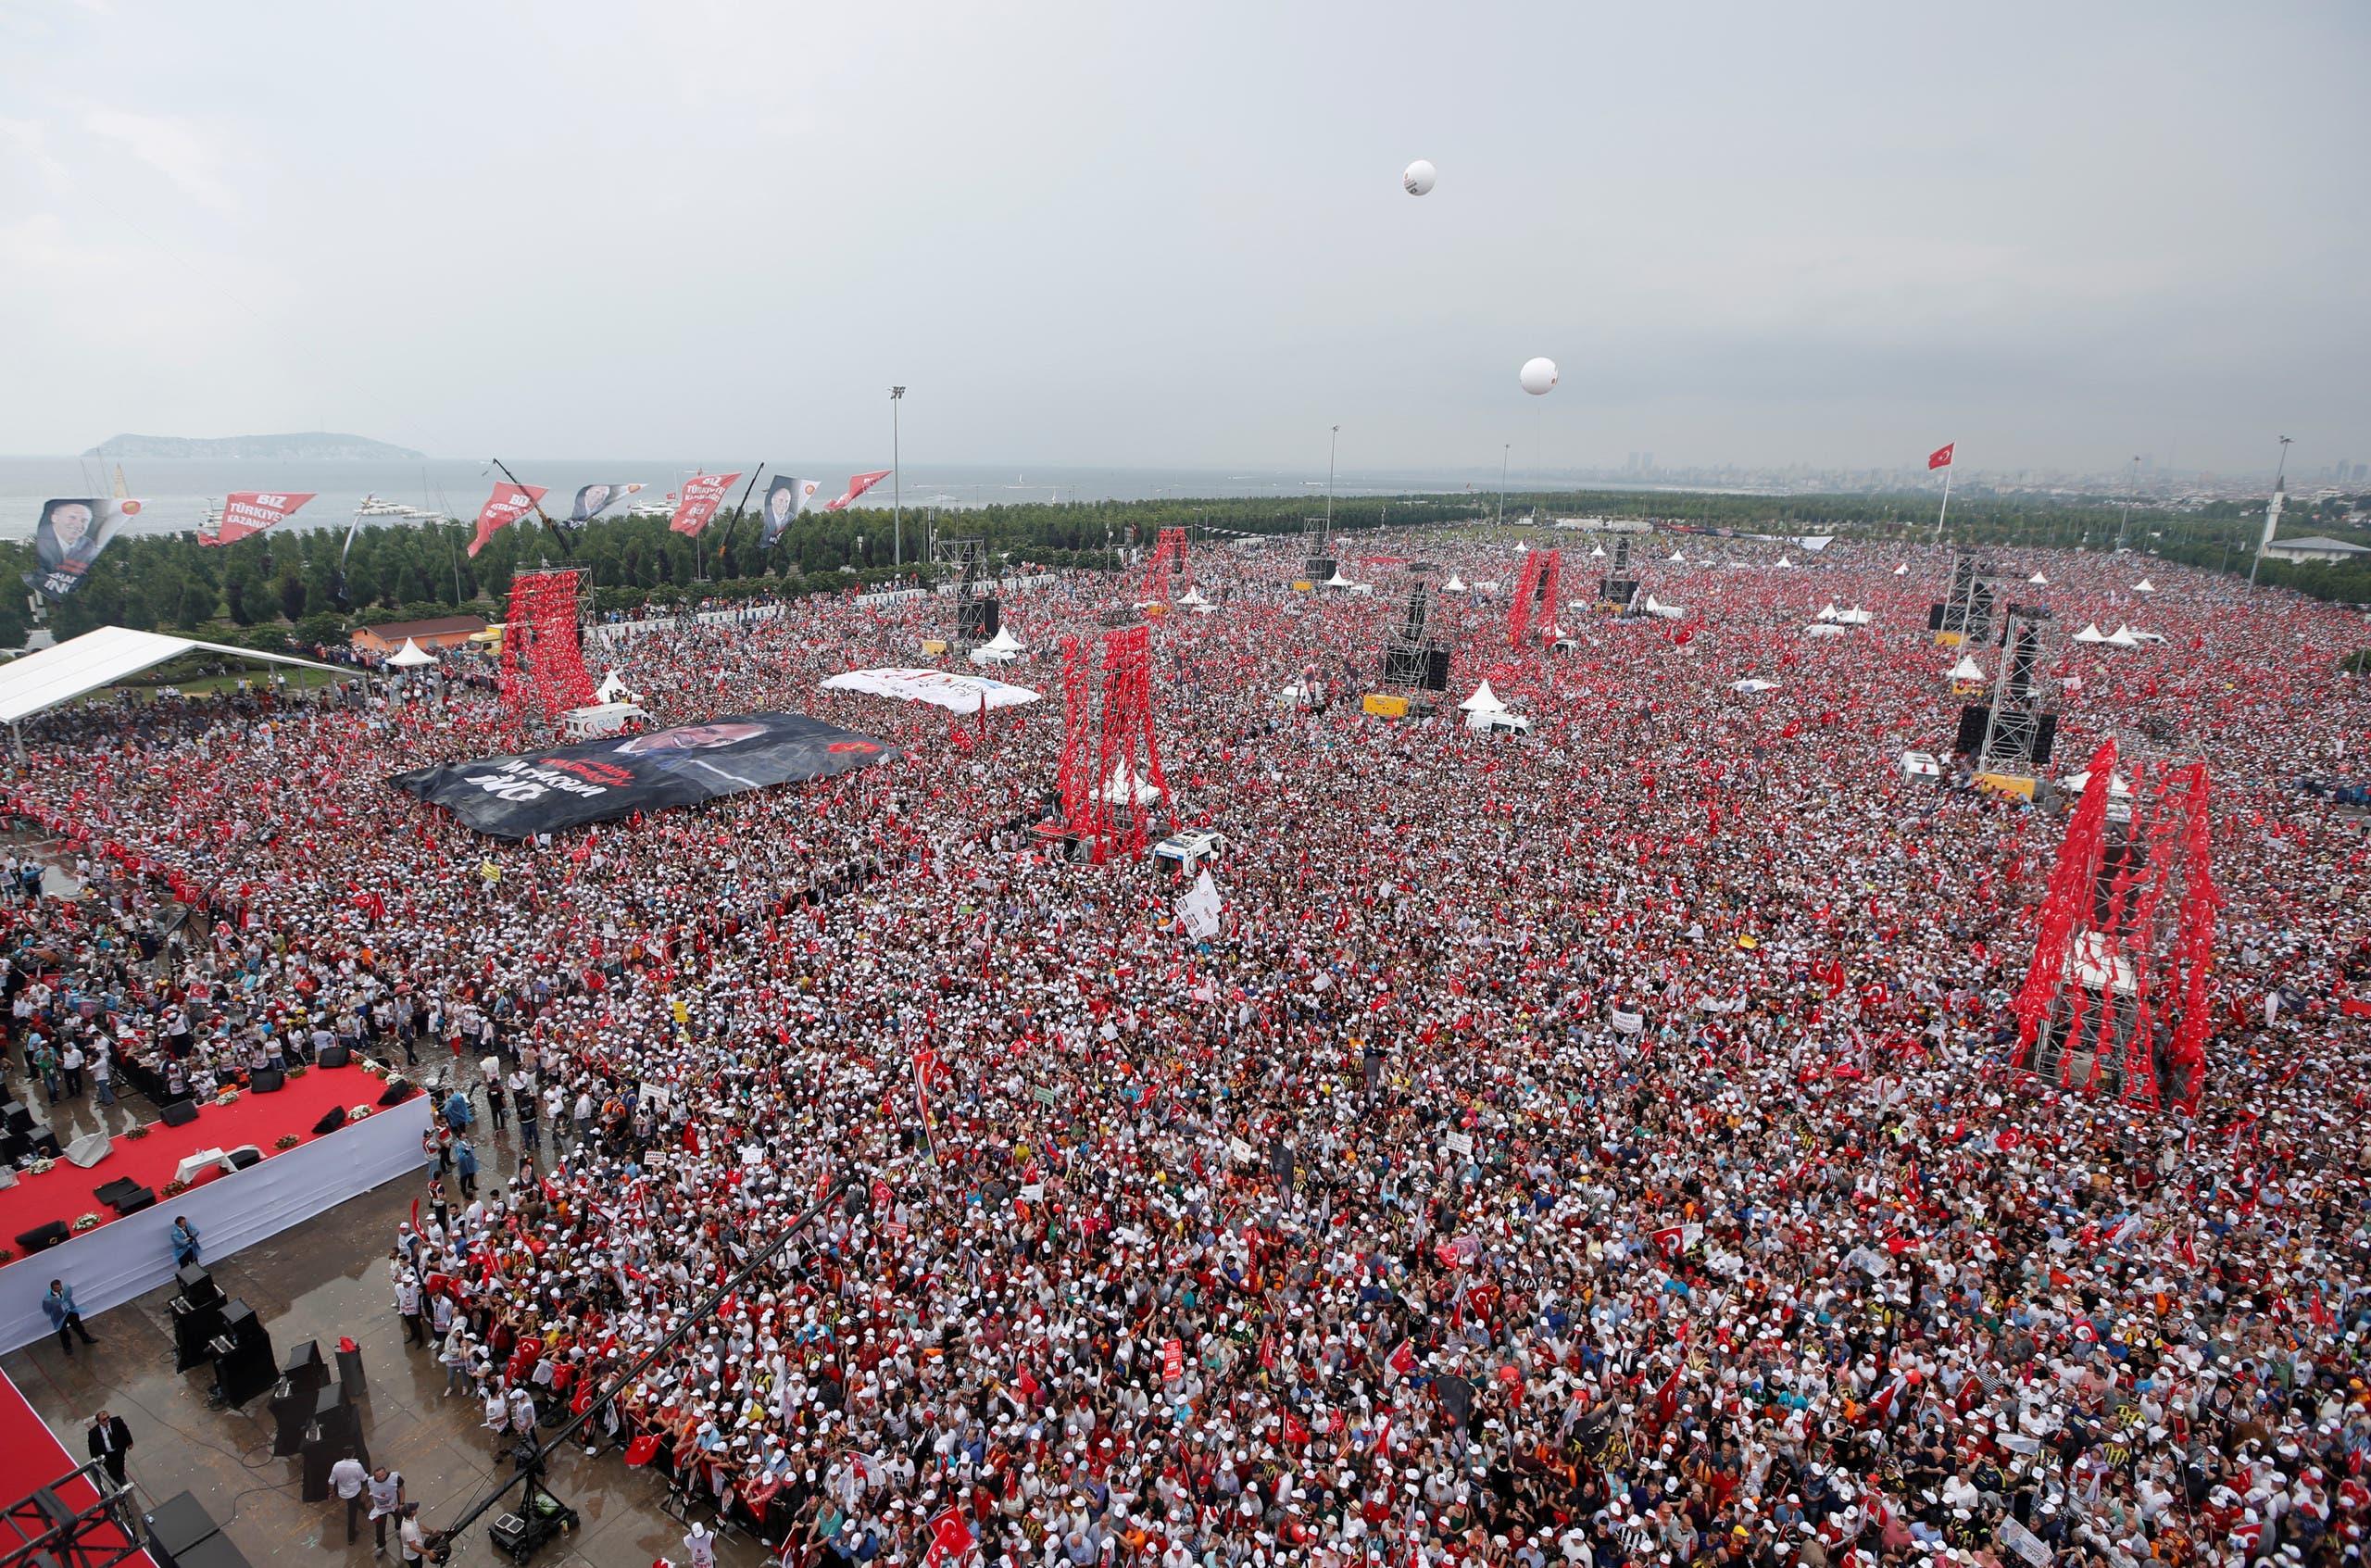 تجمع انتخابي لإنجه في اسطنبول في يونيو 2018